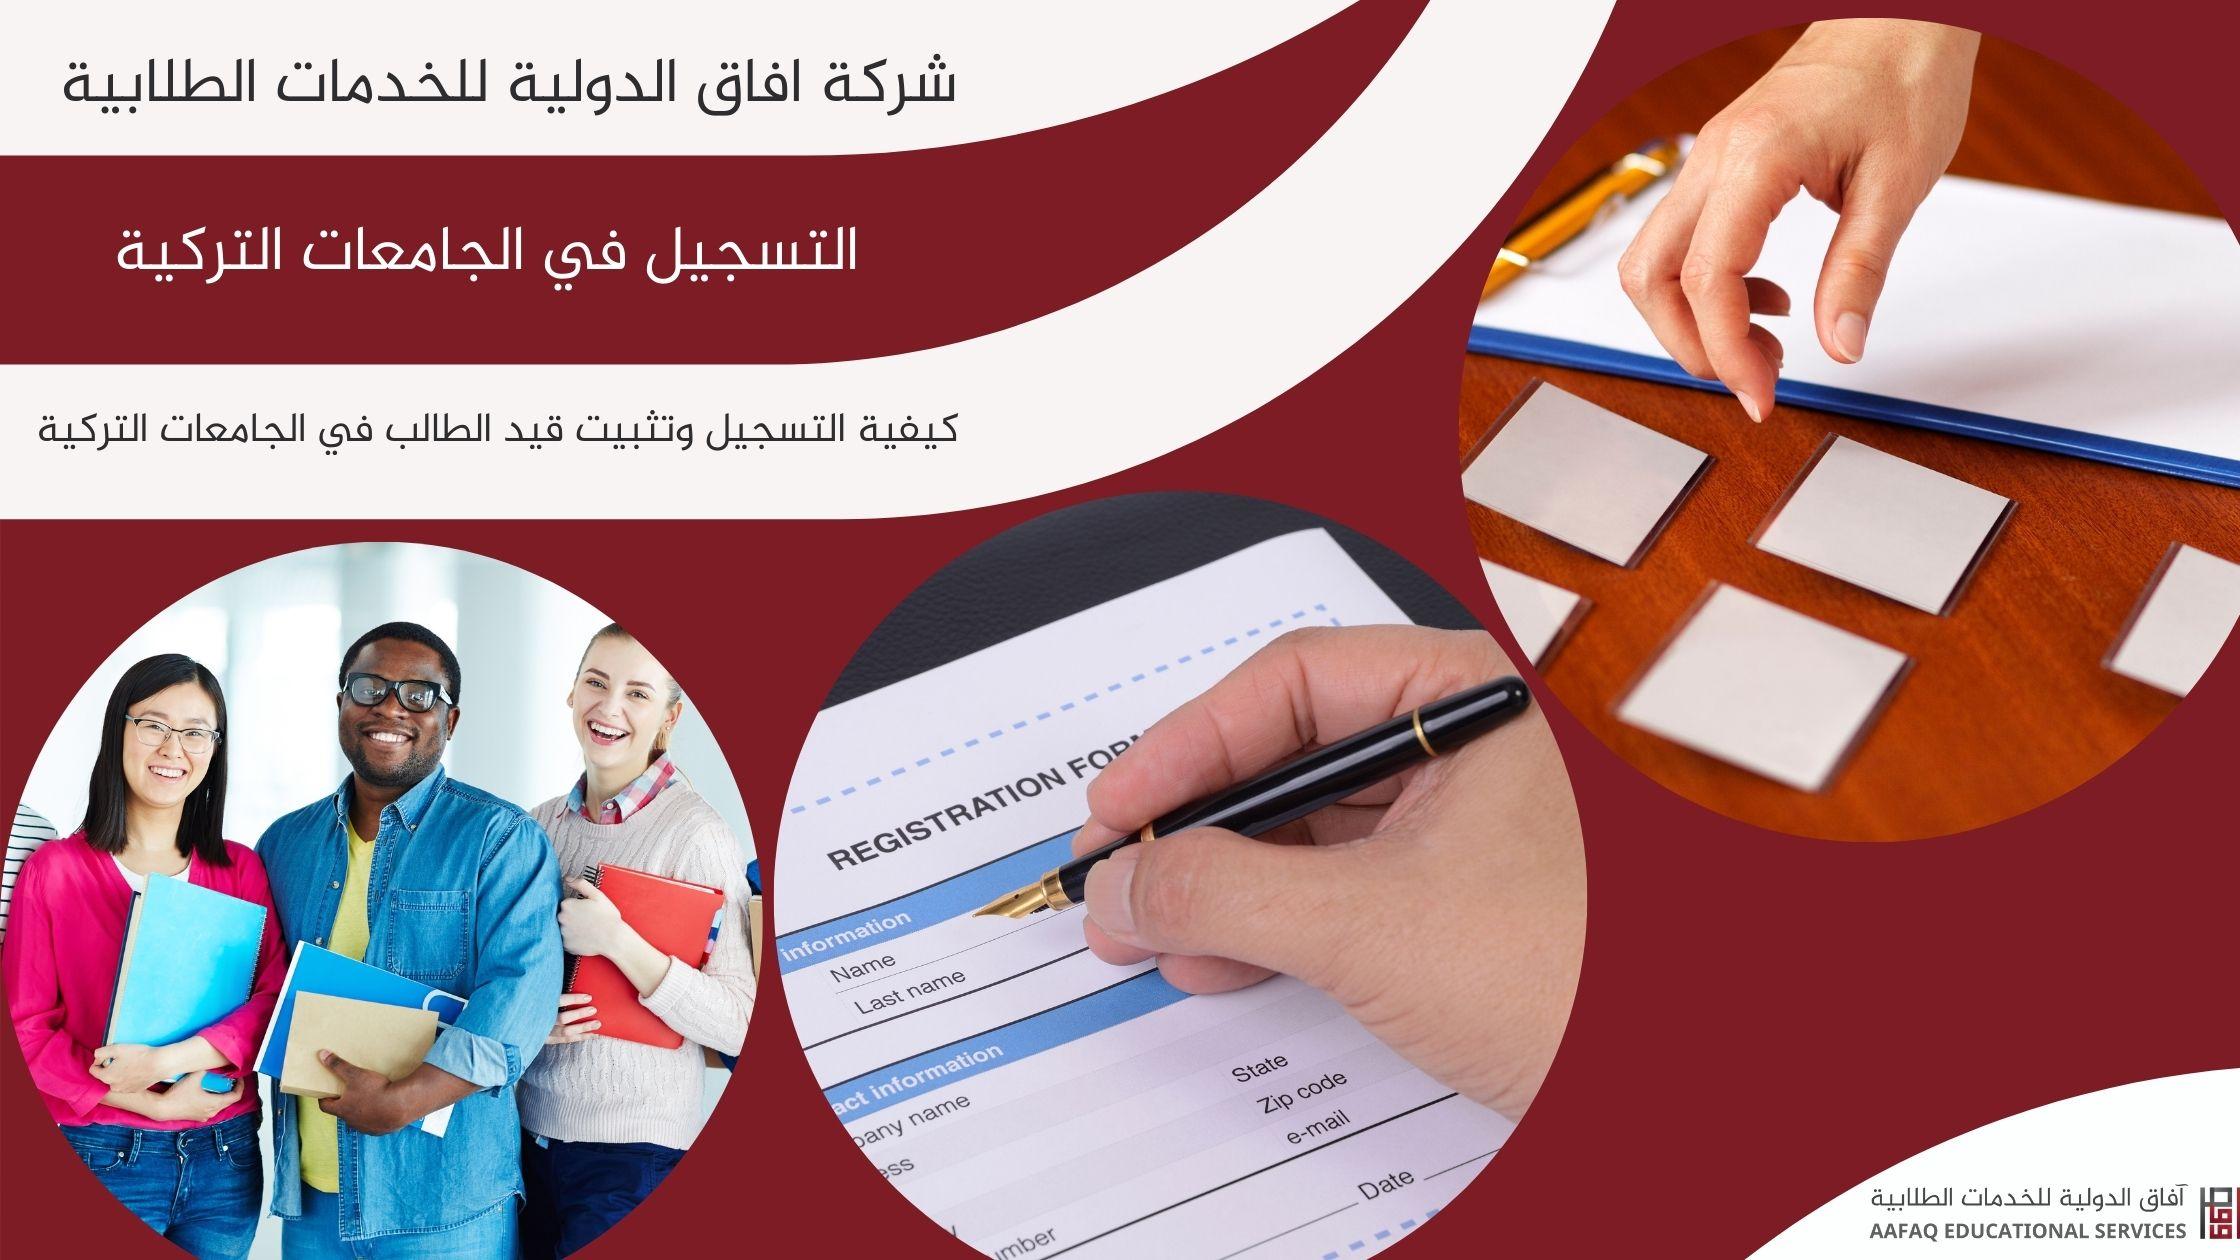 كيفية التسجيل وتثبيت قيد الطالب في الجامعات التركية